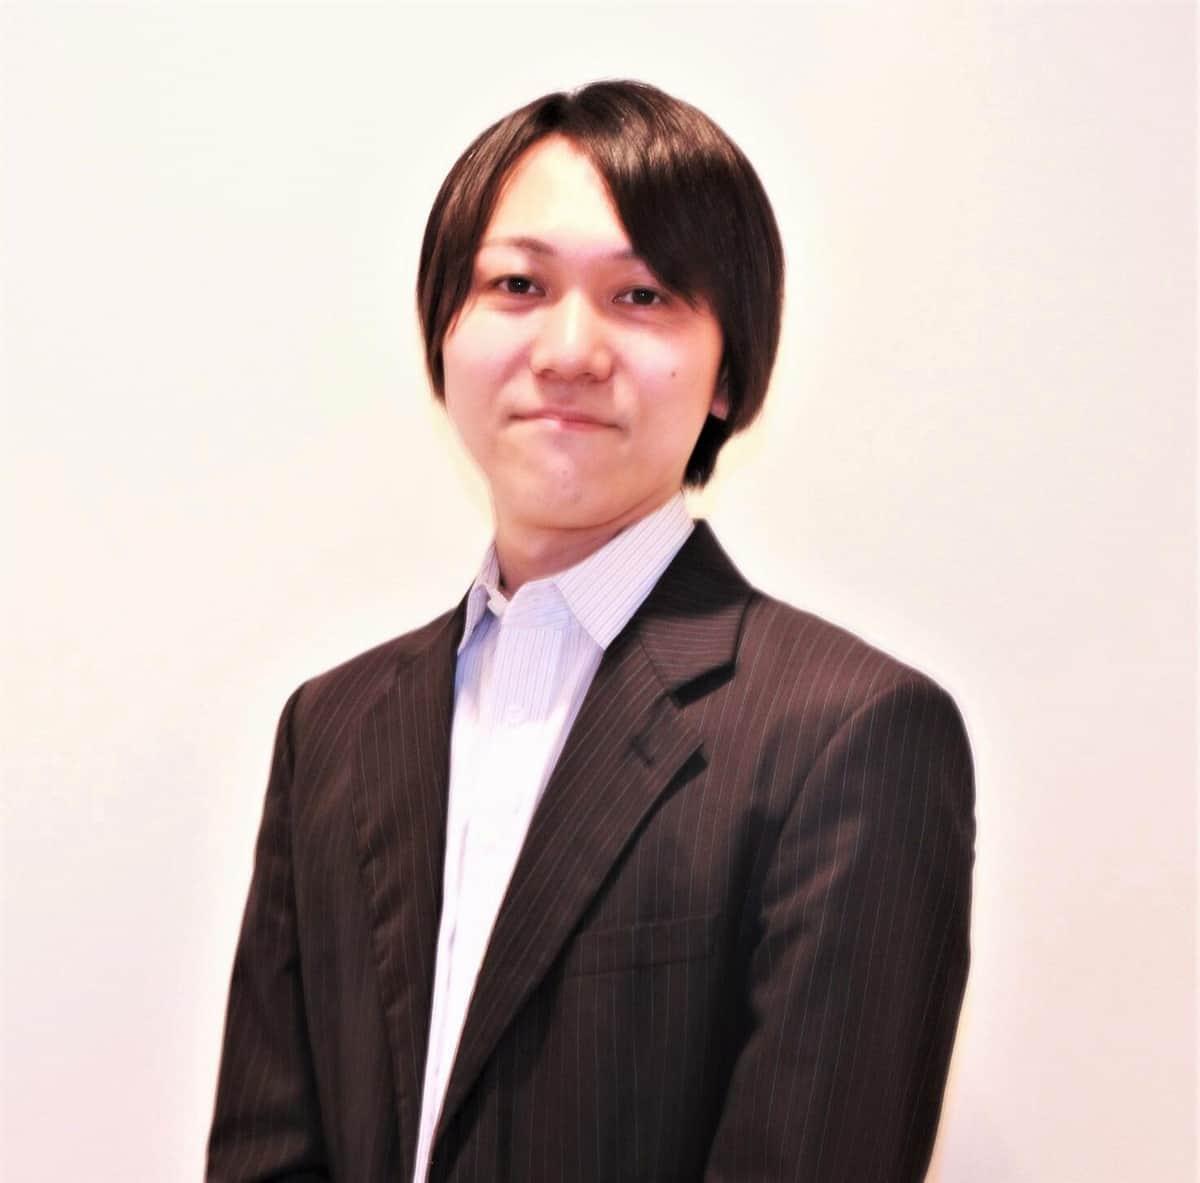 志村哲祥・東京医科大学兼任講師